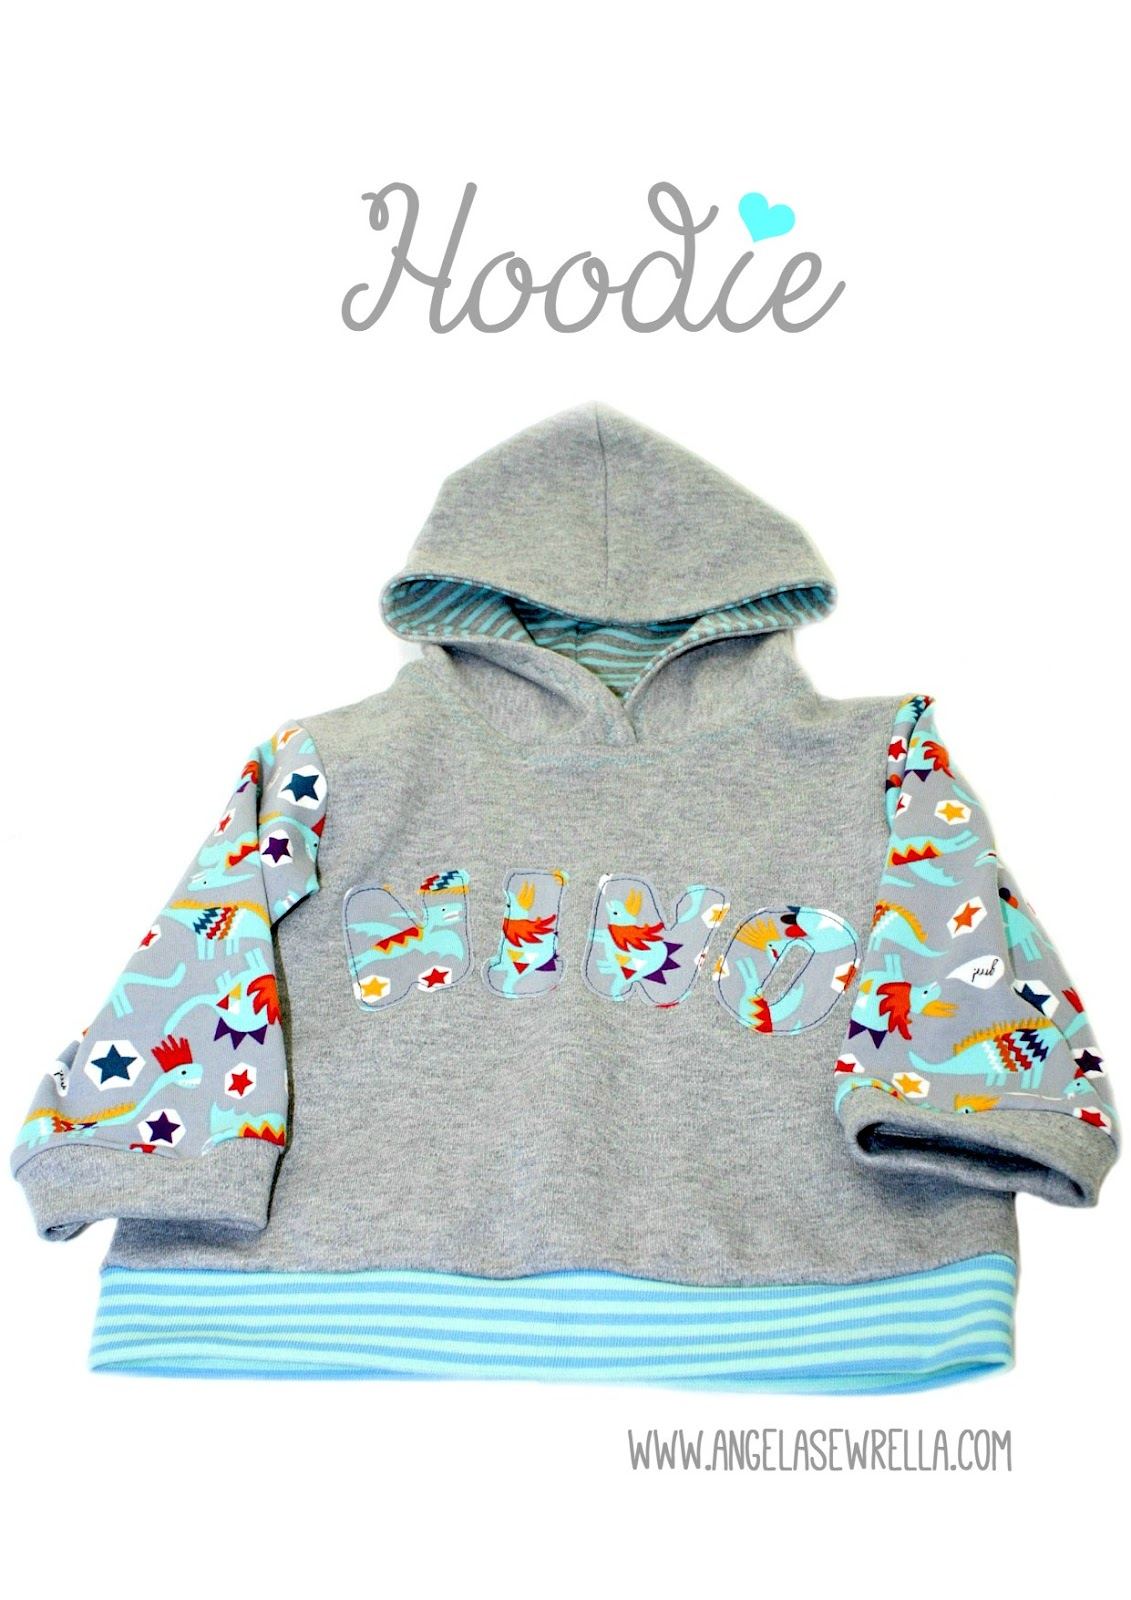 selbstgenähter Hoodie nach Farbenmix für meinen kleinen Enkel